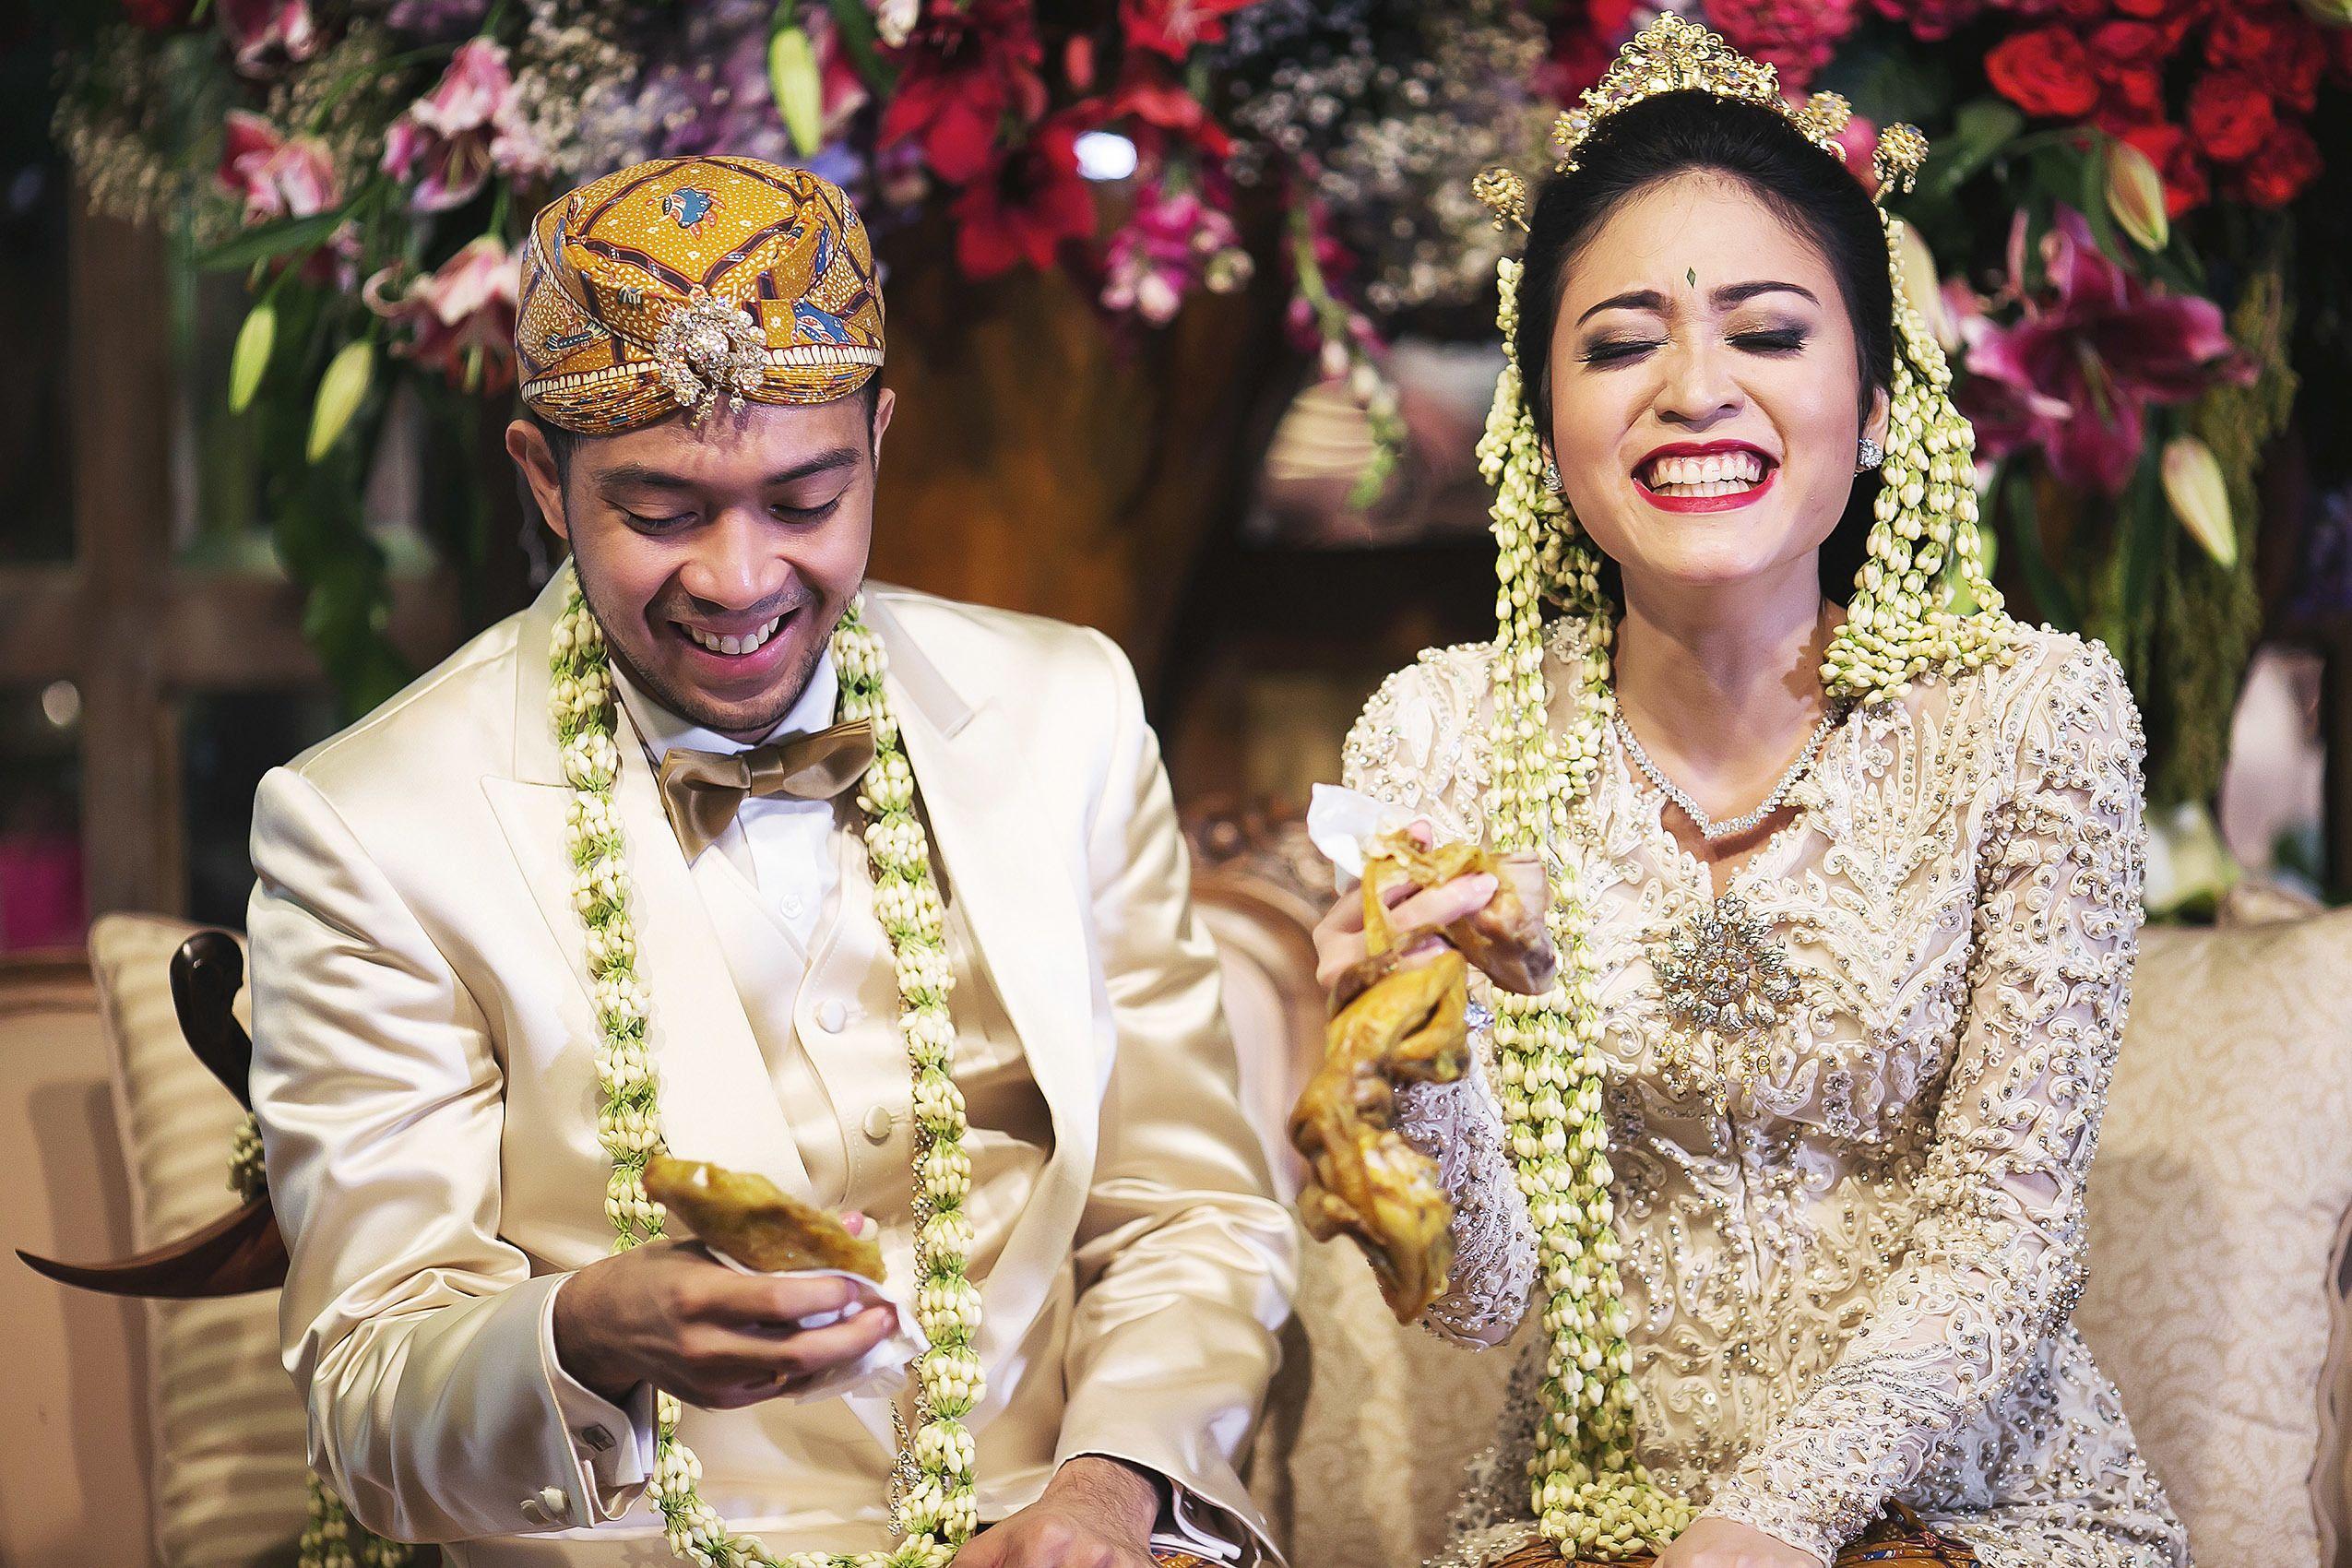 Checklist Foto Pernikahan: Momen Bersama Pasangan Image 19